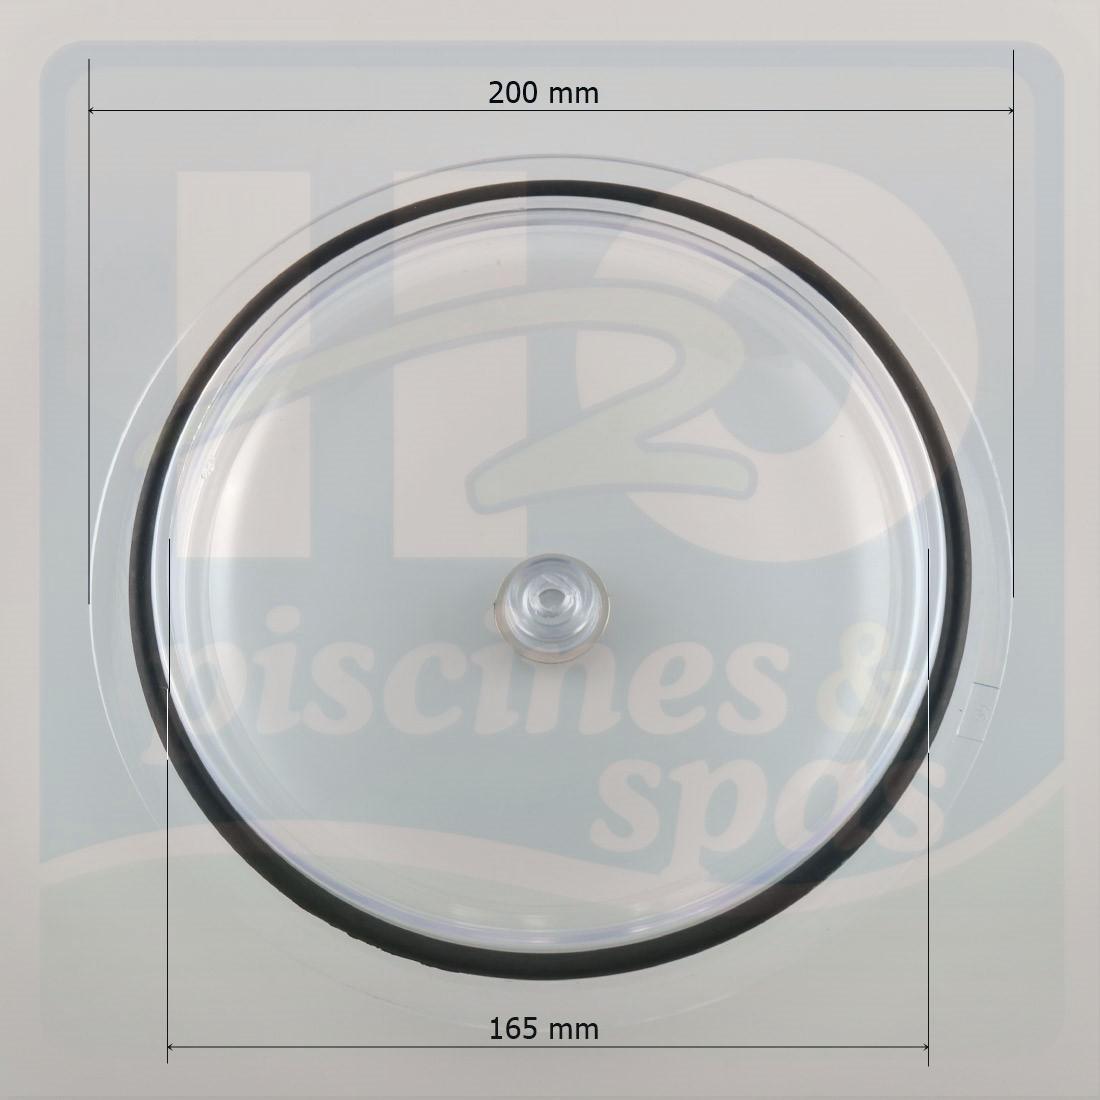 Couvercle transparent et son joint du filtre sable astral for Joint filtre a sable piscine